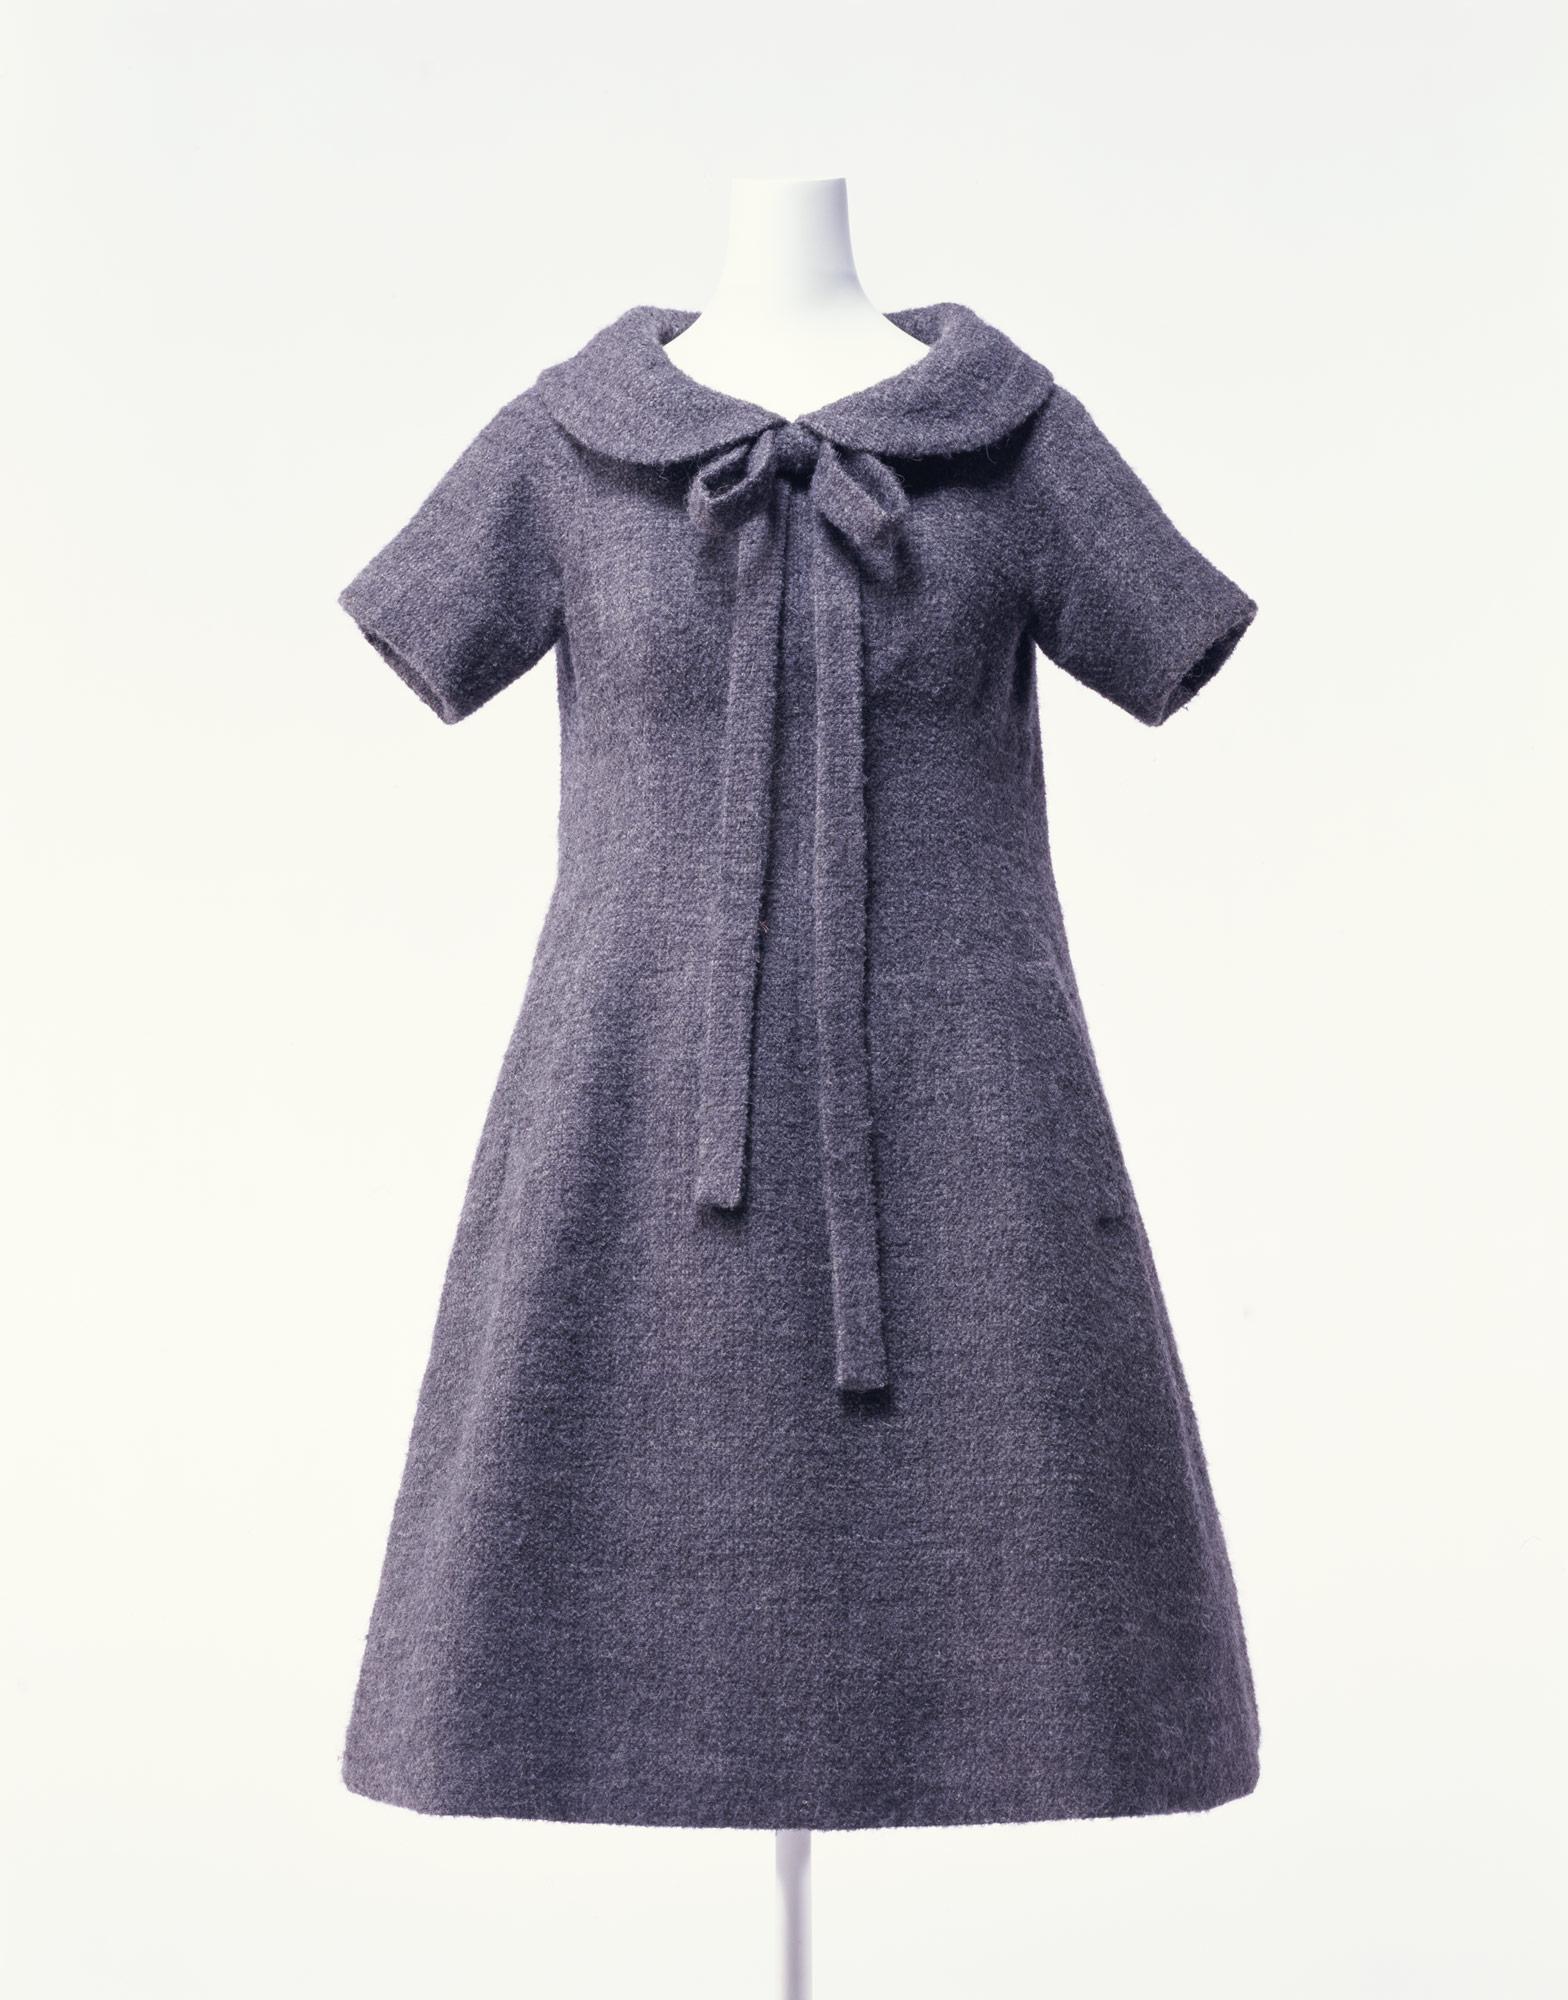 ドレス「トラペーズ」